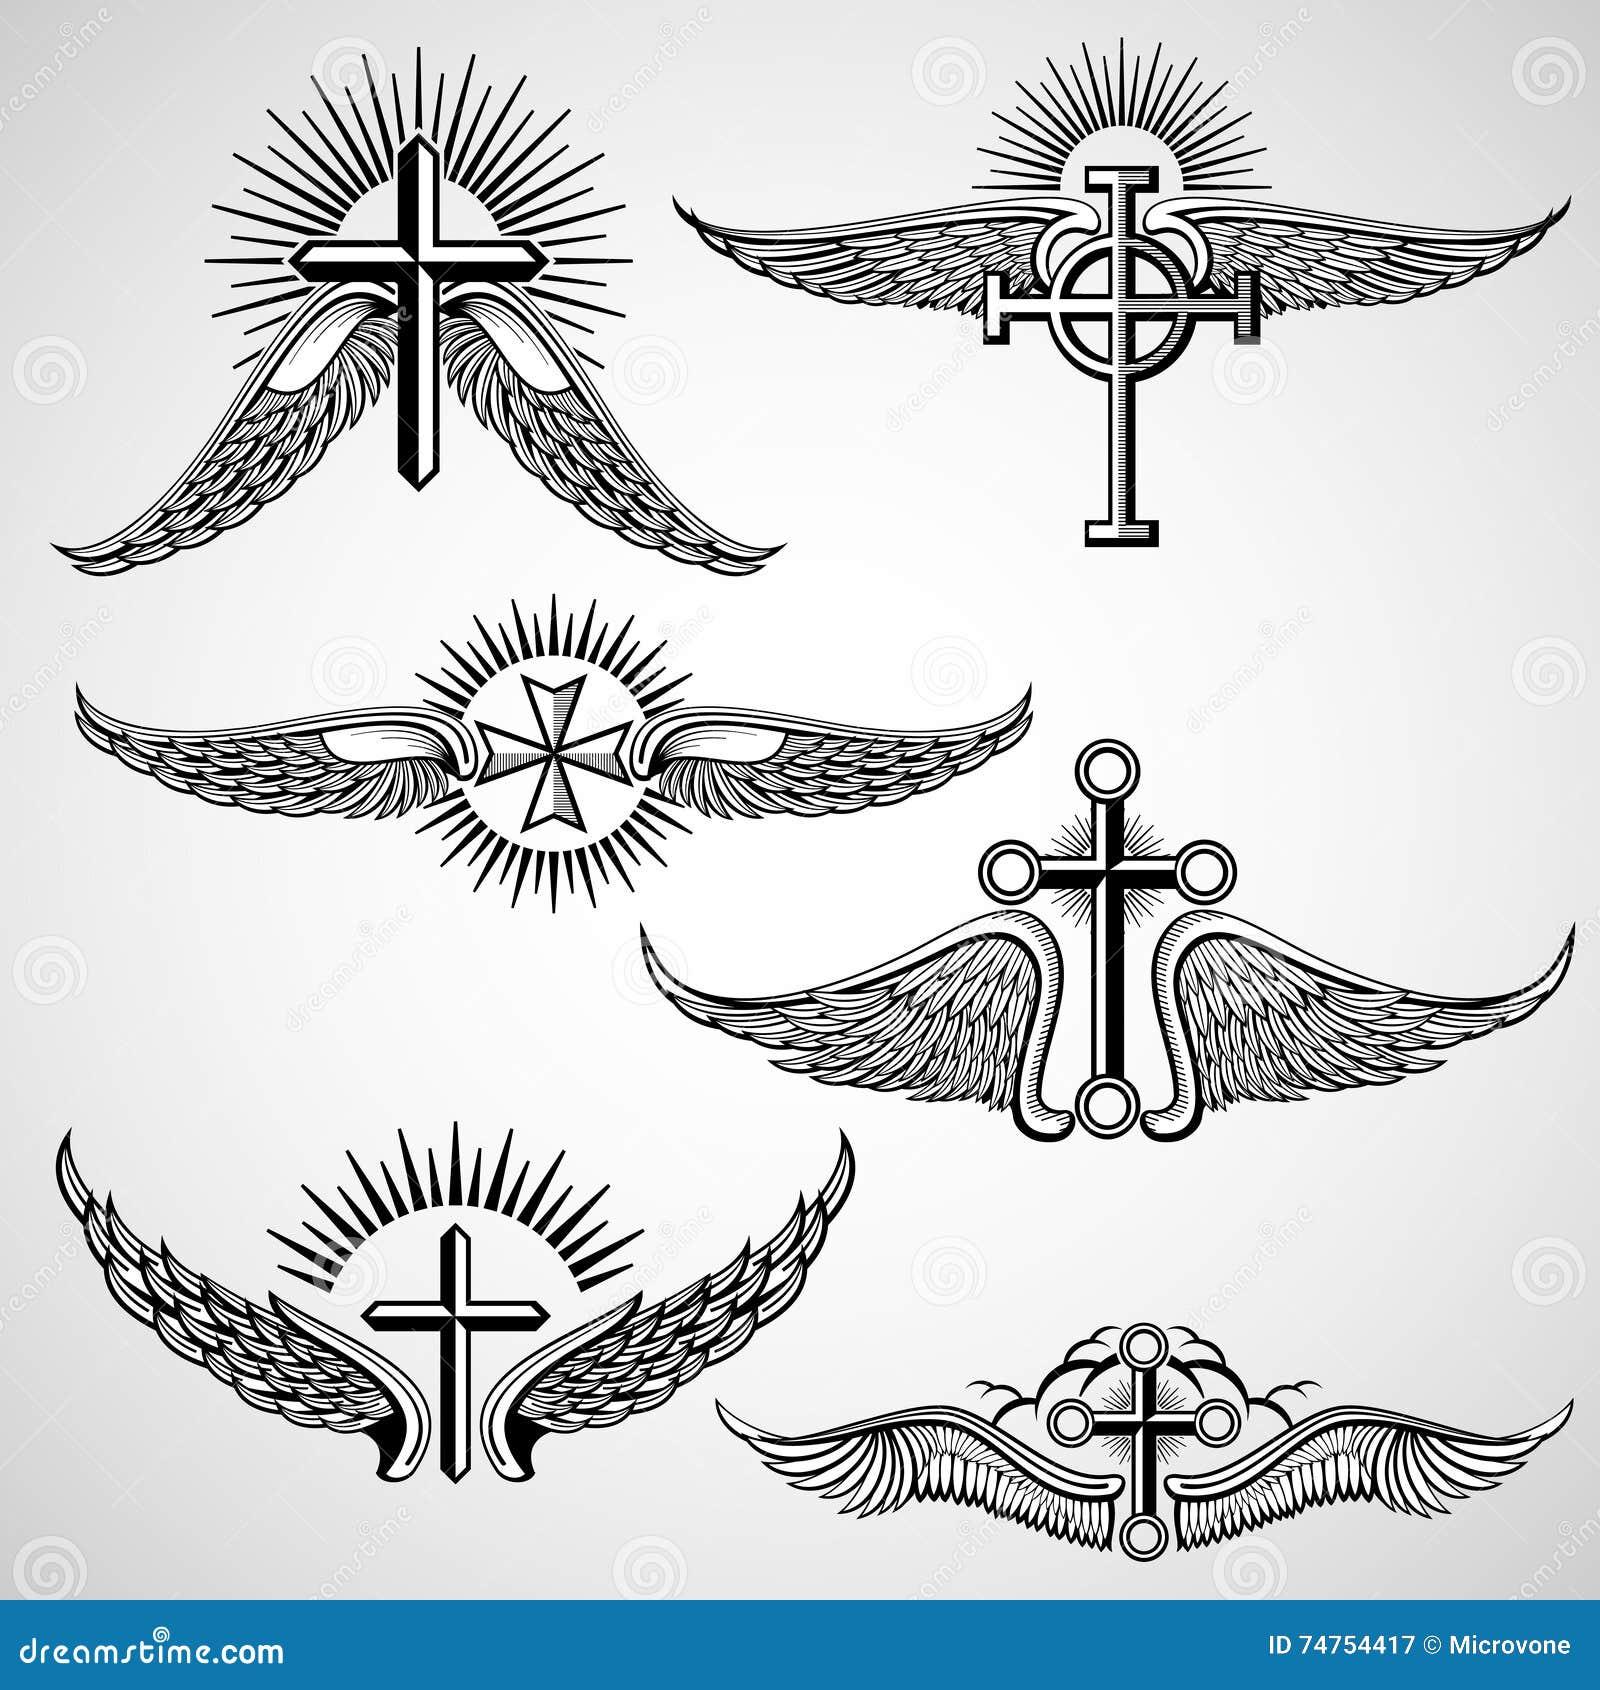 Cruz do vintage e elementos do vetor da tatuagem das asas